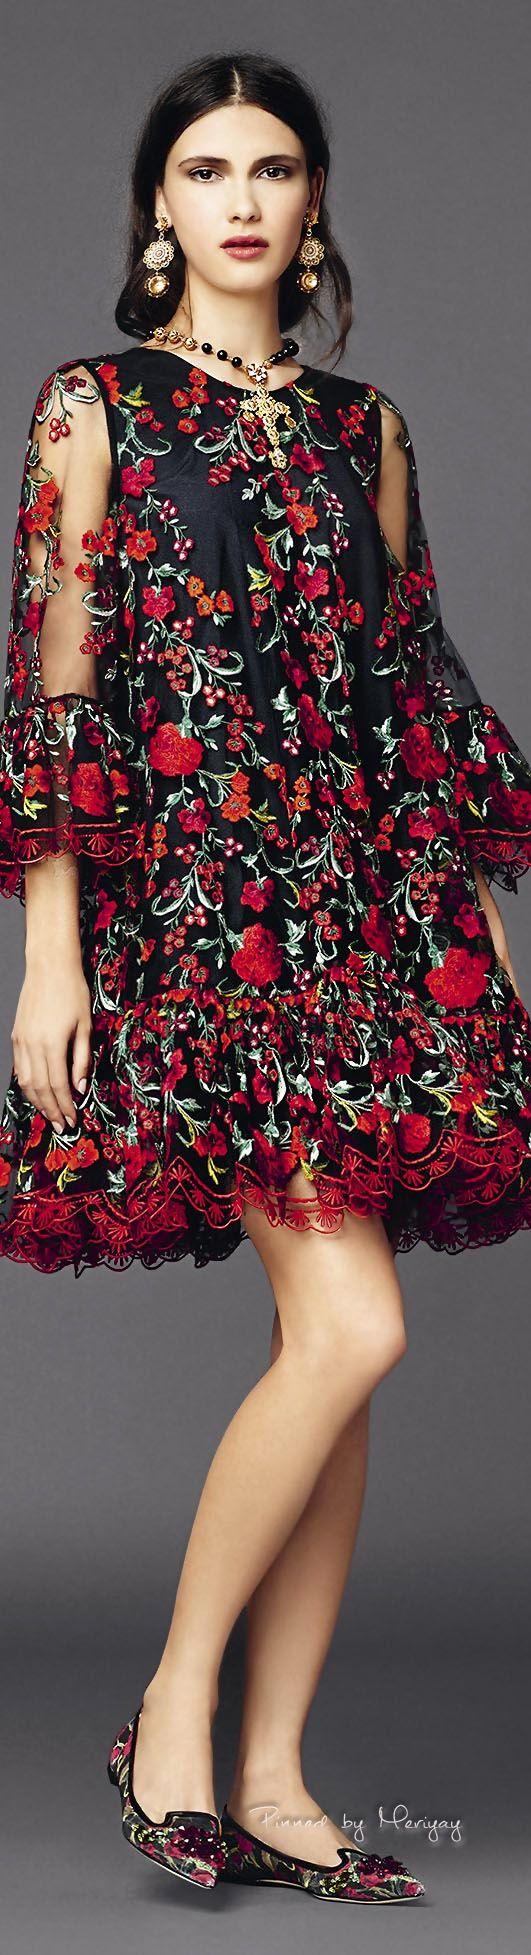 ♔Dolce & Gabbana.2015♔: